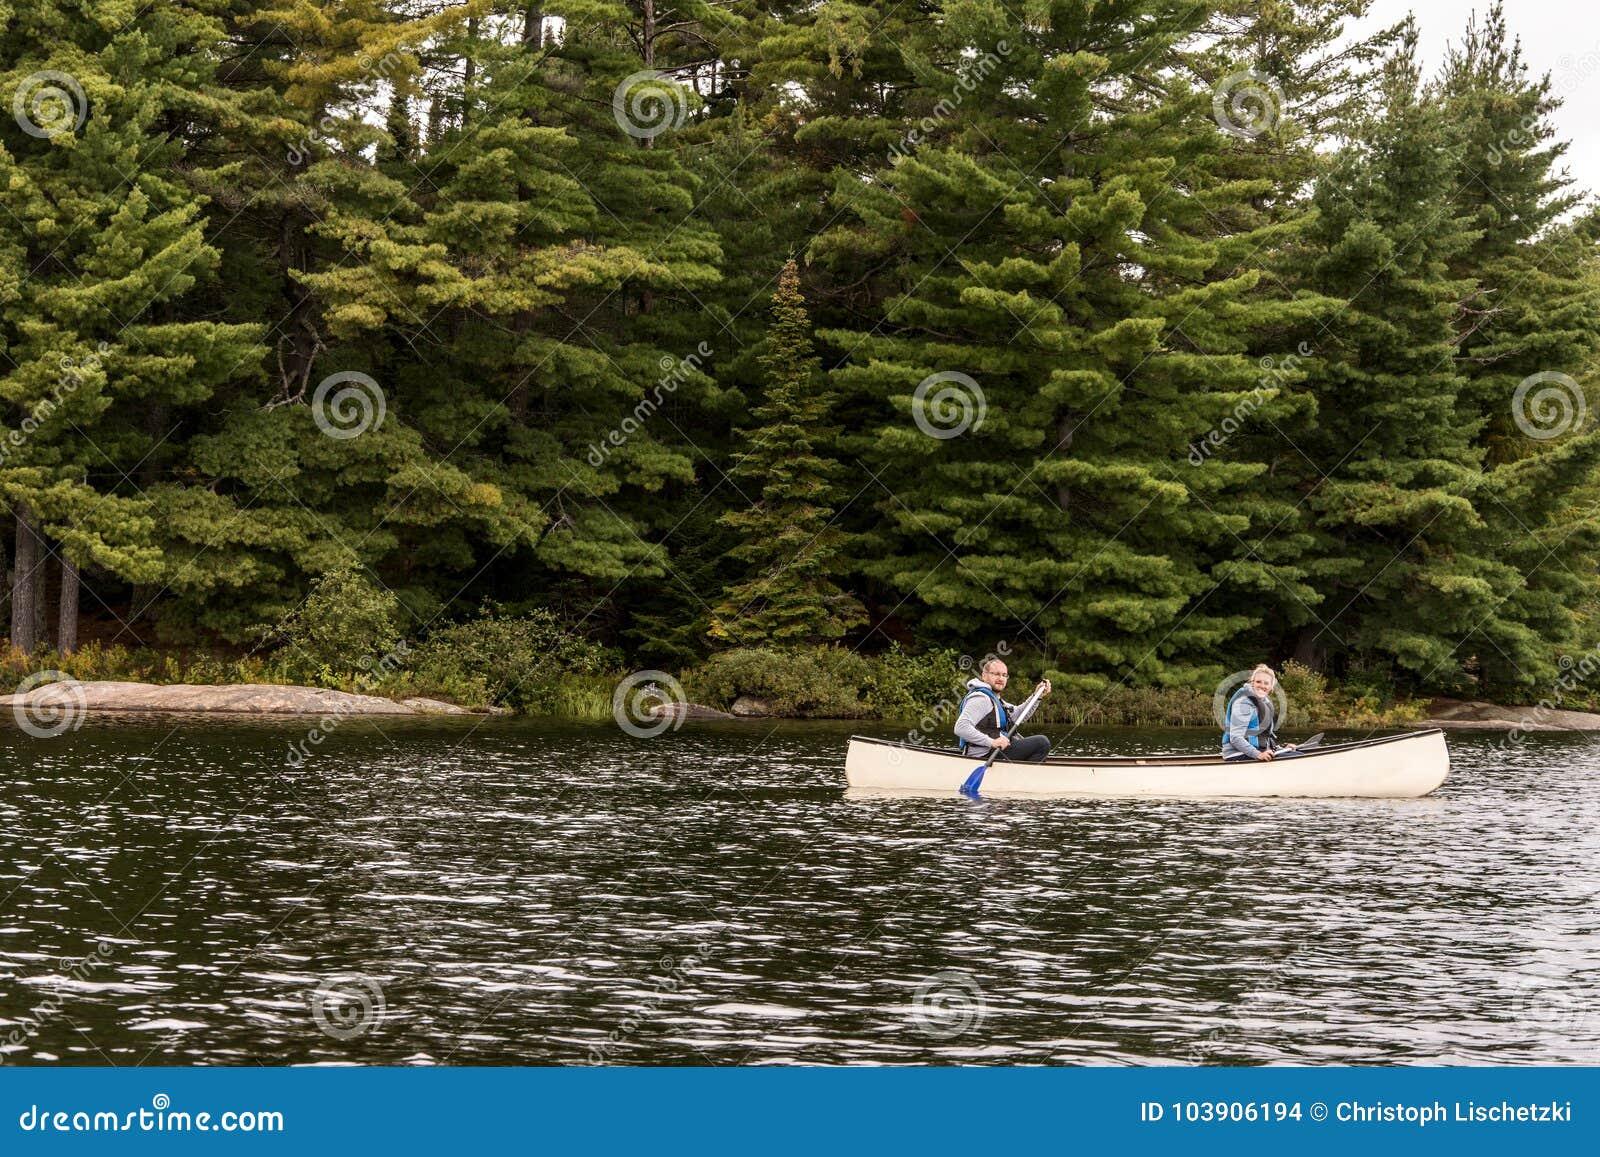 Kanada Ontario sjön av två floder kopplar ihop på kanoter för en kanot på vattenAlgonquinnationalparken